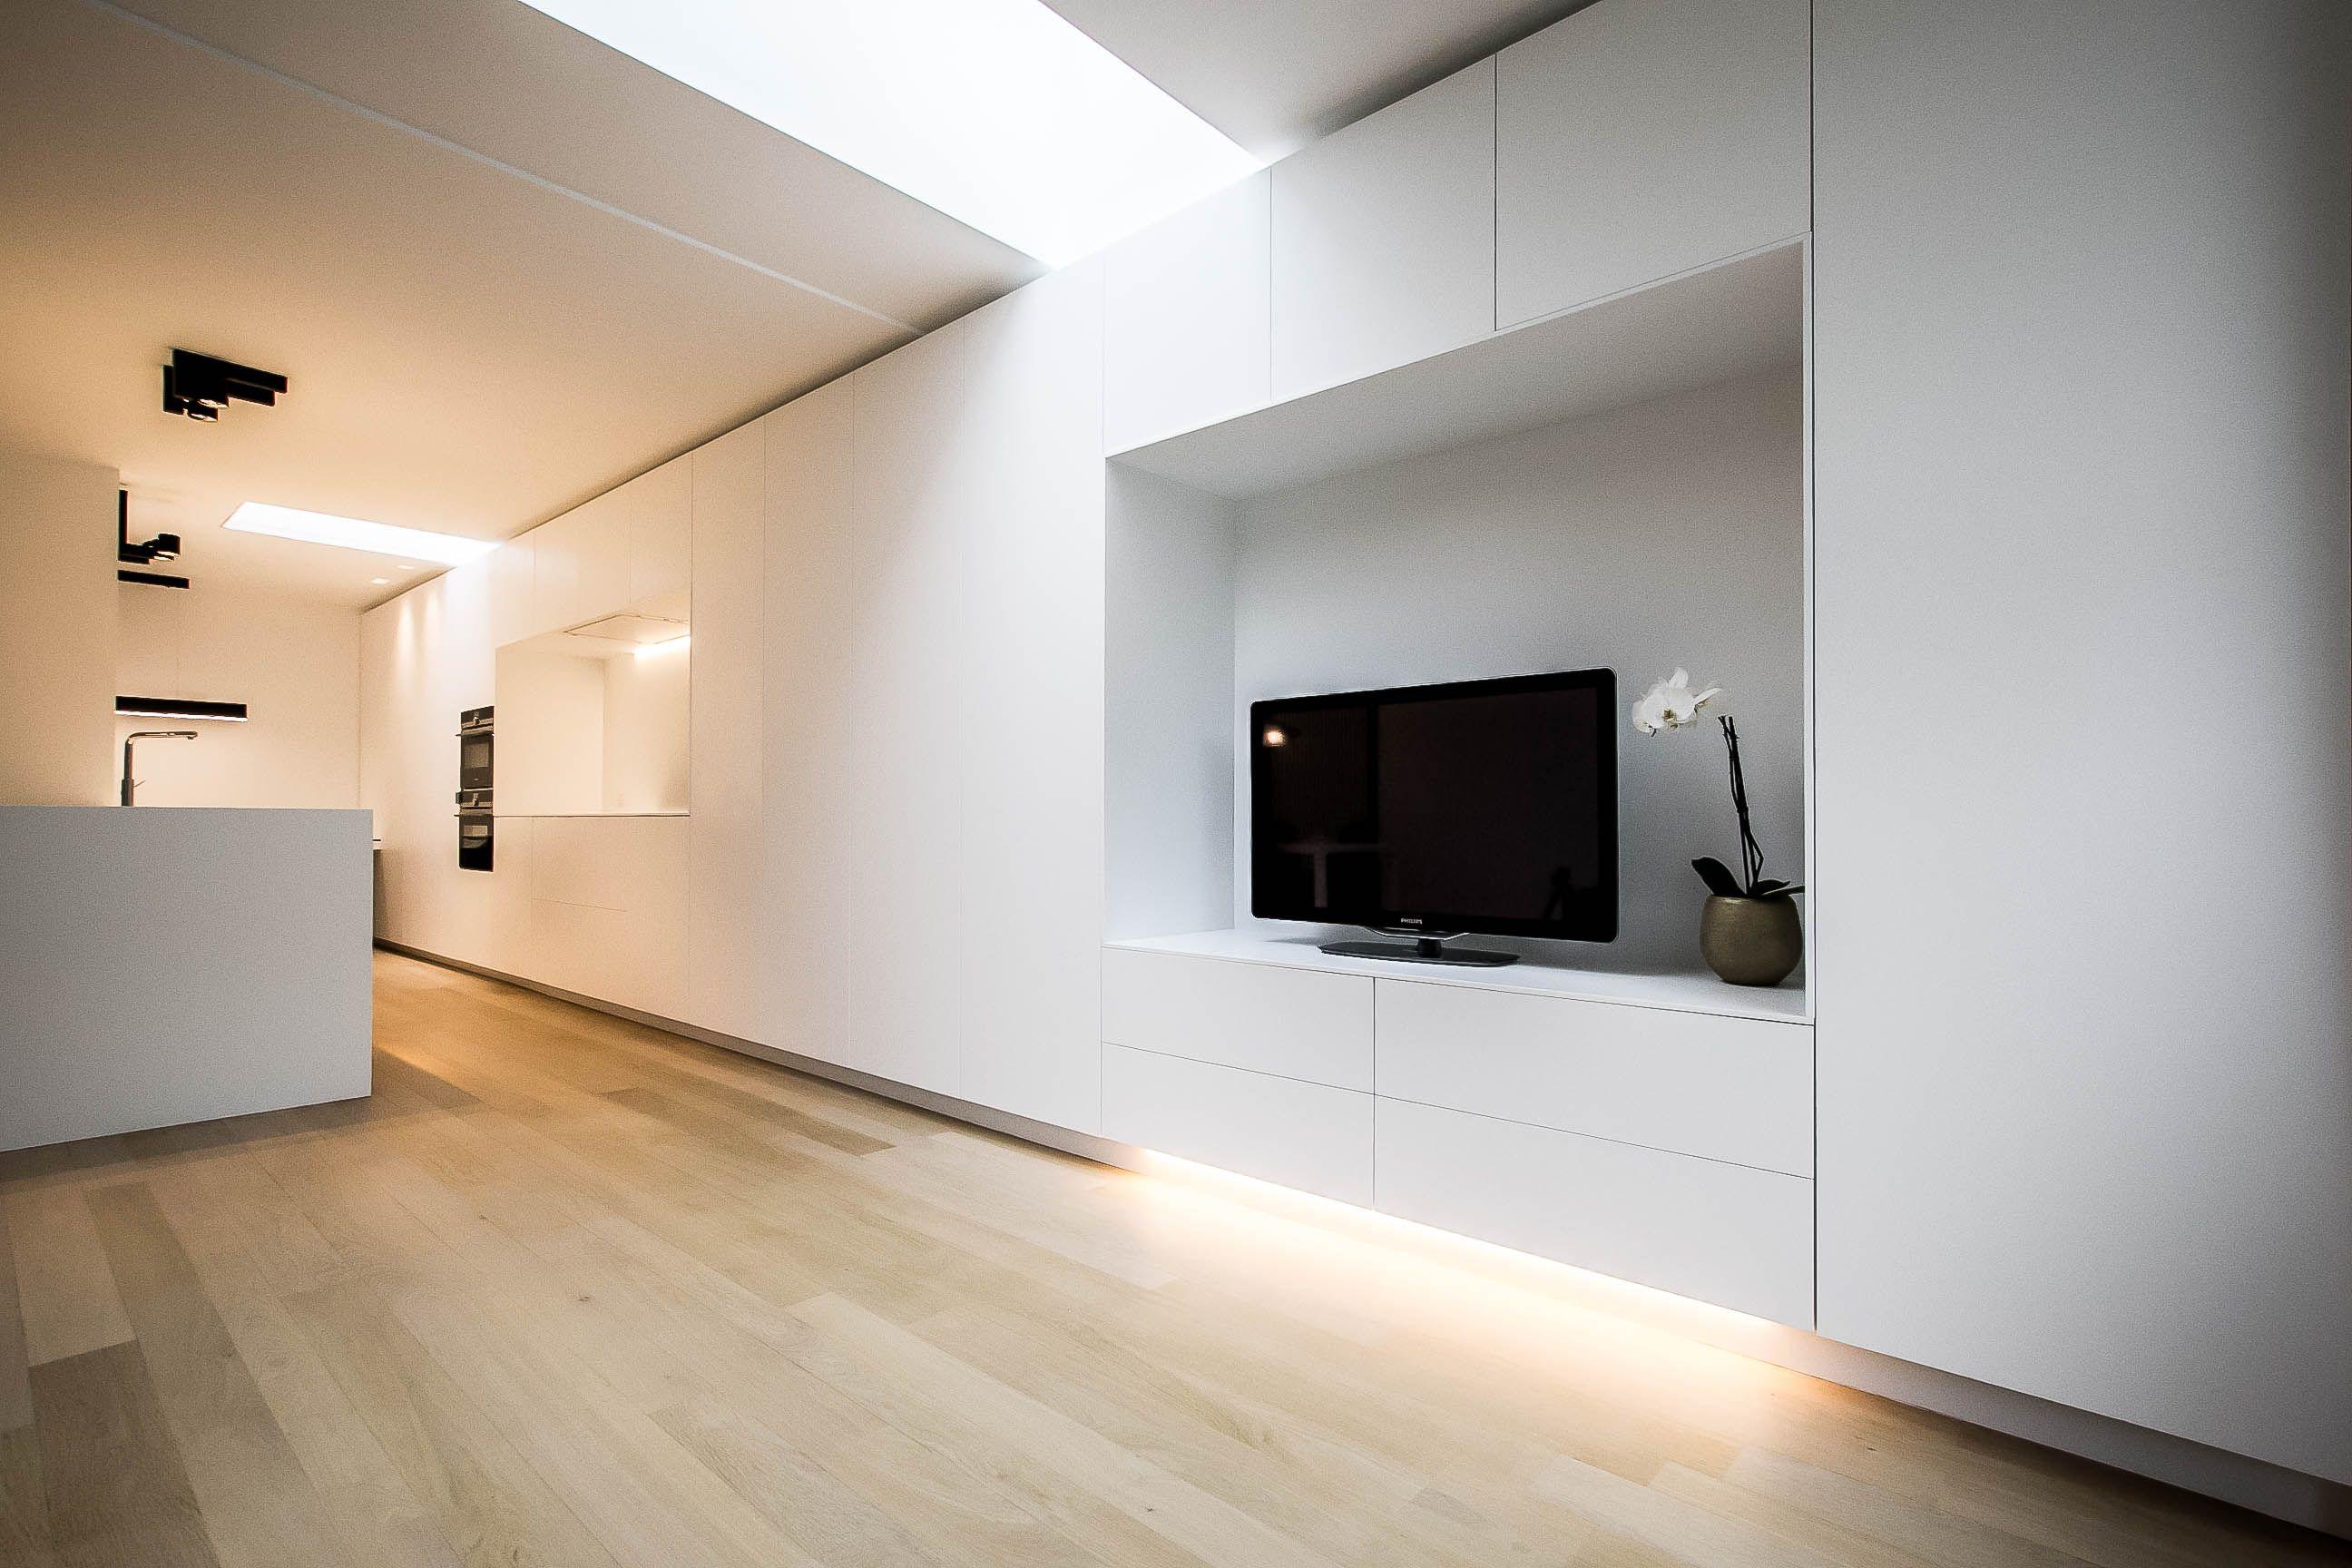 Interieur modern interieur open keuken met keukeneiland open